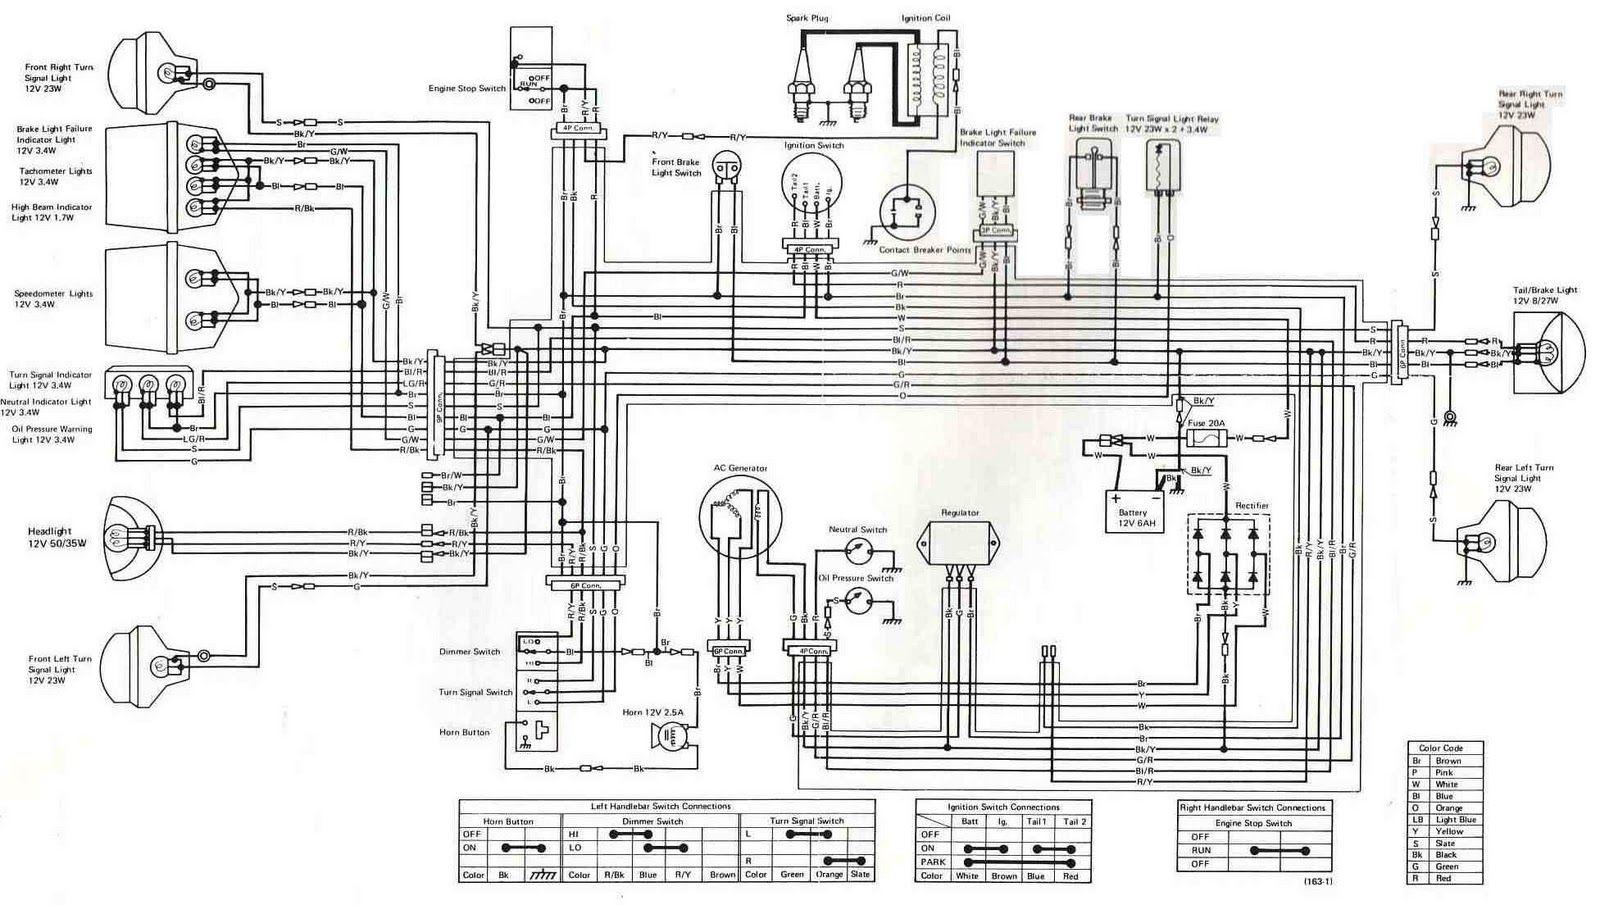 chicago wiring diagram kawasaki bayou 300 wiring diagram  kawasaki bayou 300 wiring diagram